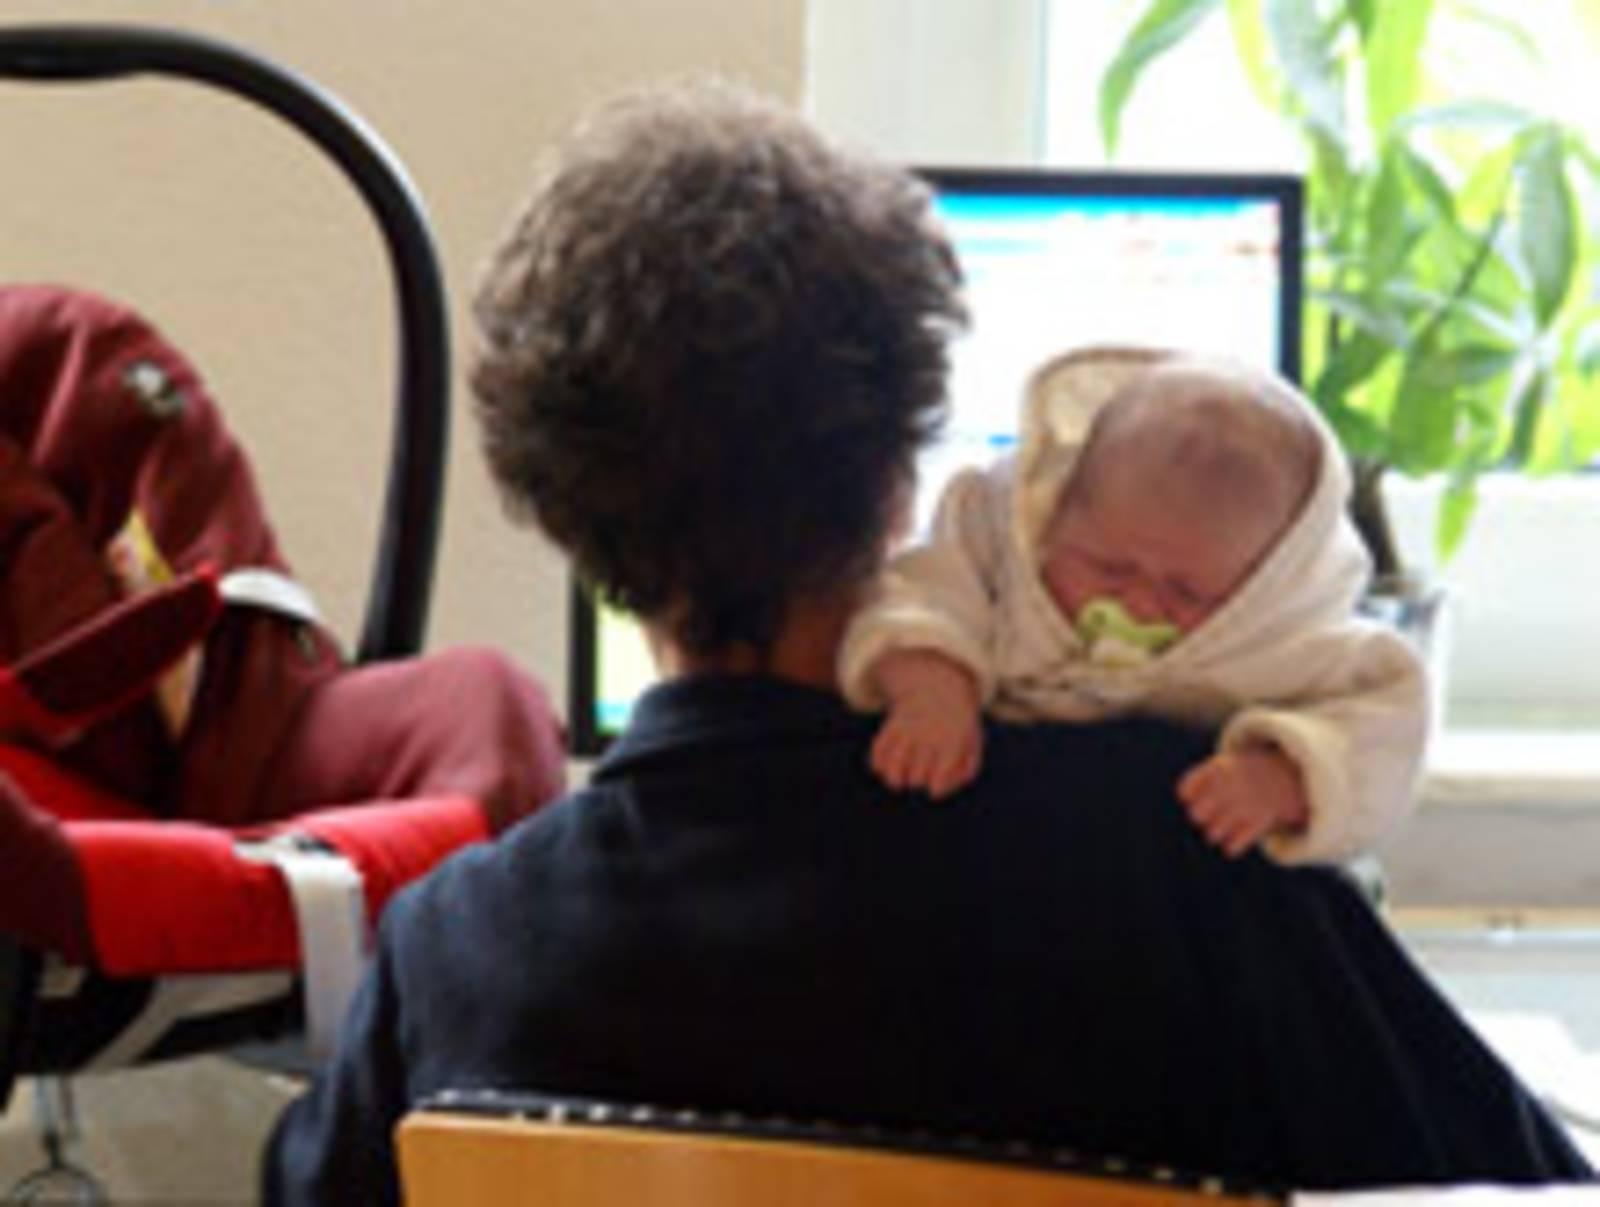 Schlafendes Baby mit PC im Hintergrund